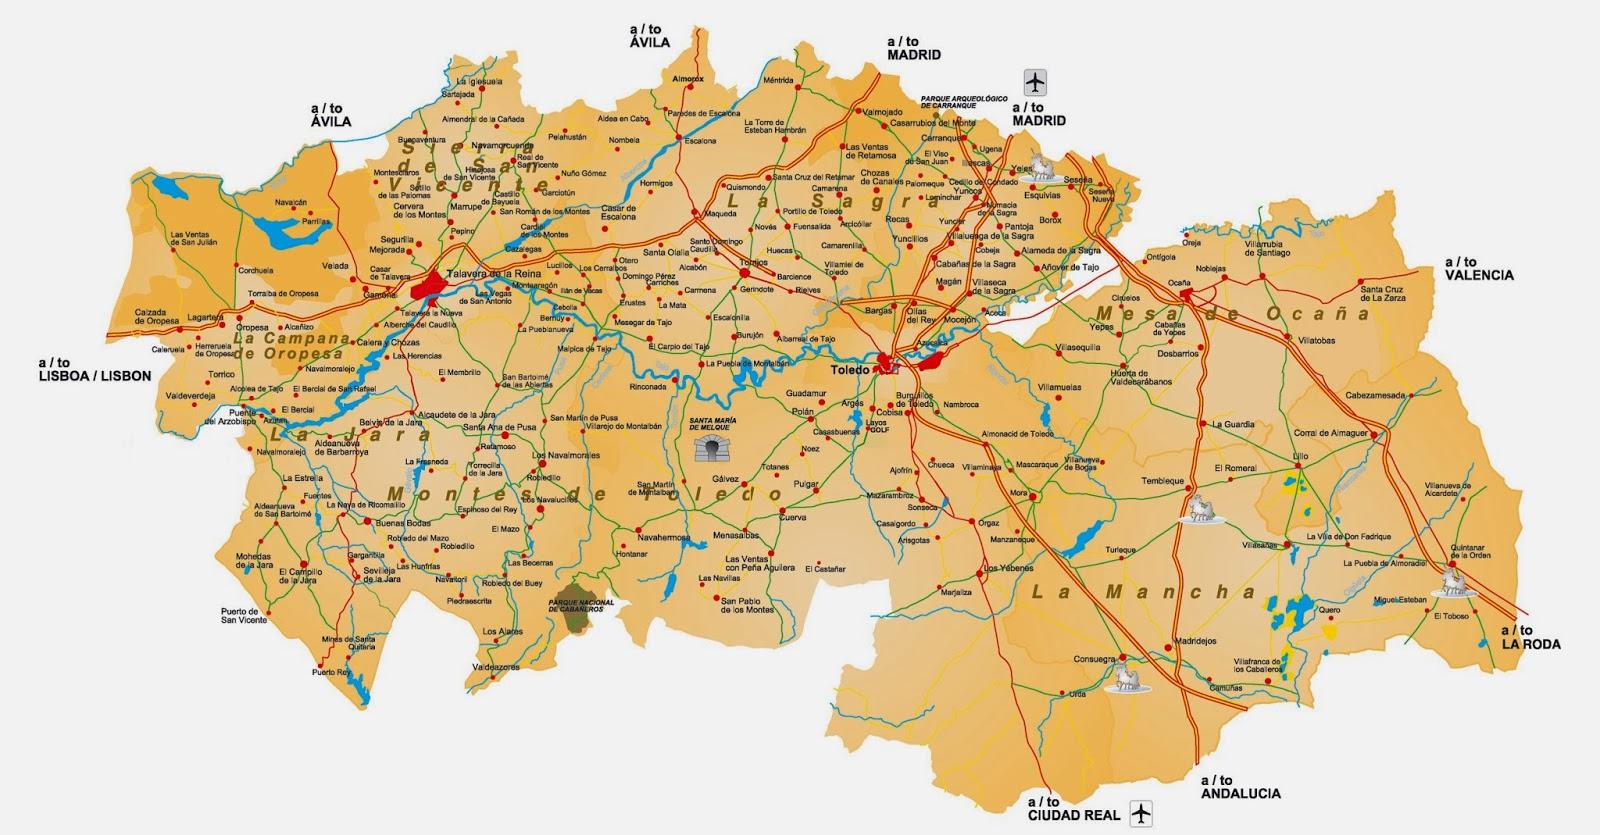 Mapa Provincia De Toledo Turismo.Mapa Provincia De Toledo Pueblos Mapa